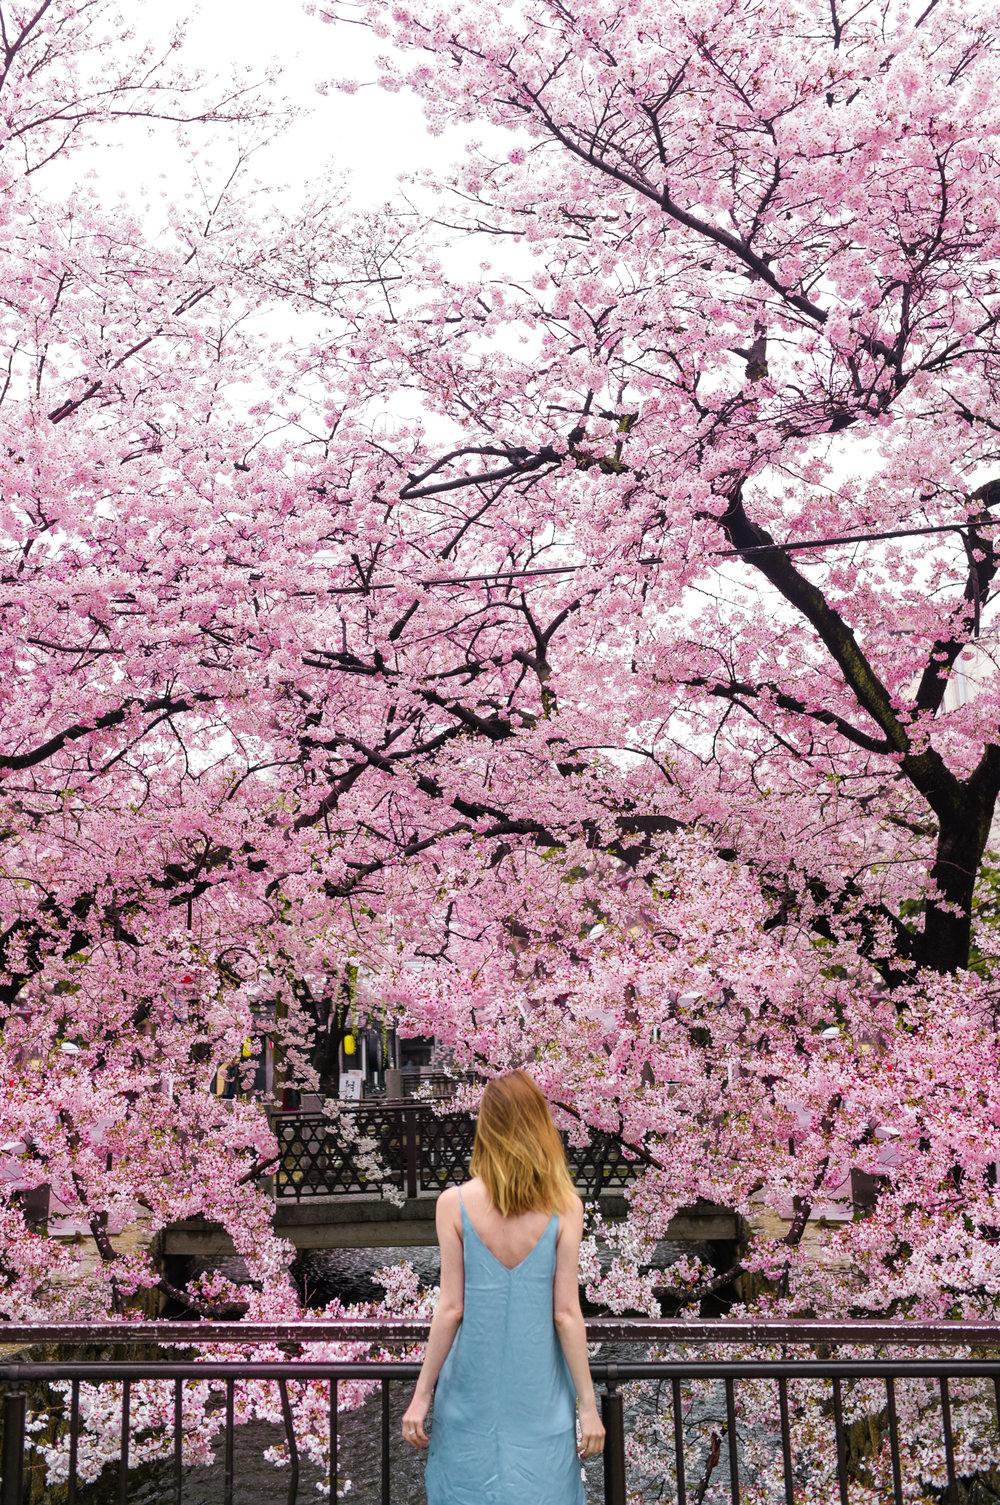 kyoto cherry blossom zorymory humminglion